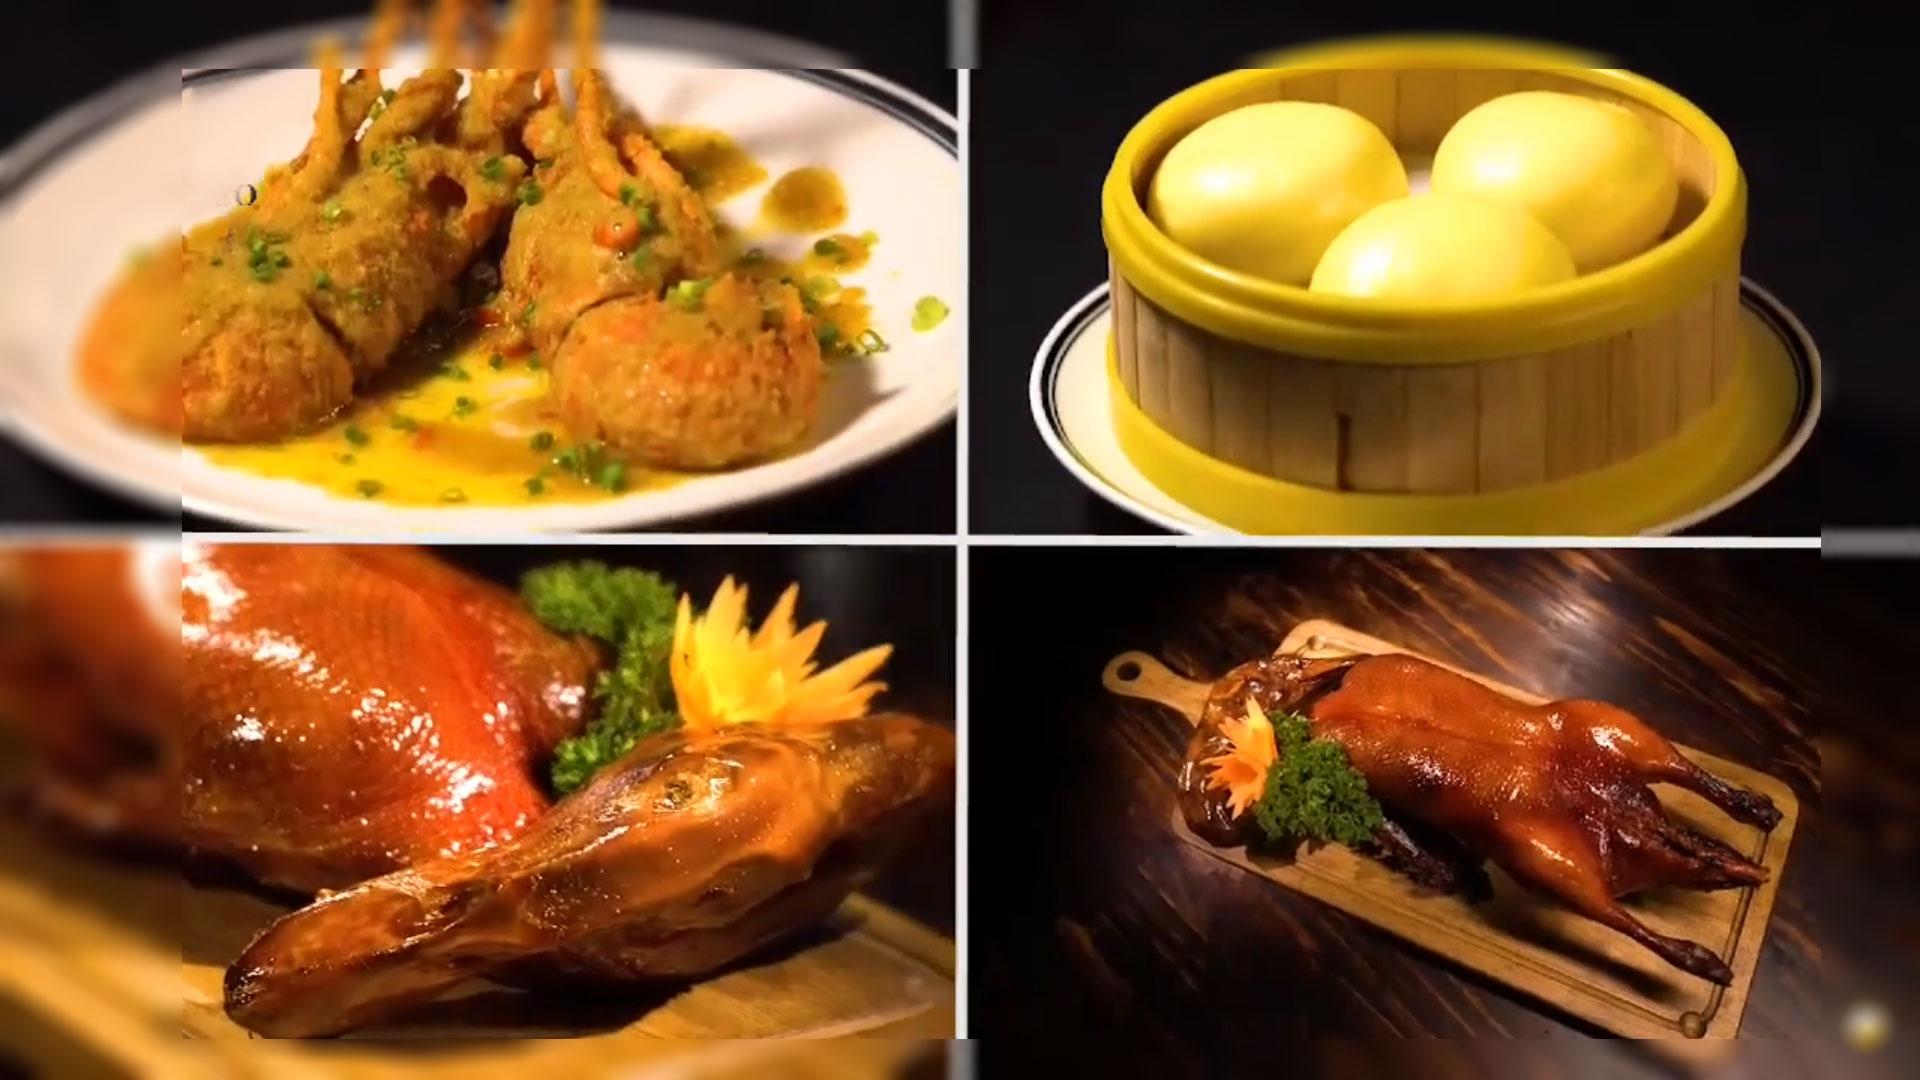 Những món ăn hấp dẫn tại nhà hàng đều được chế biến công phu